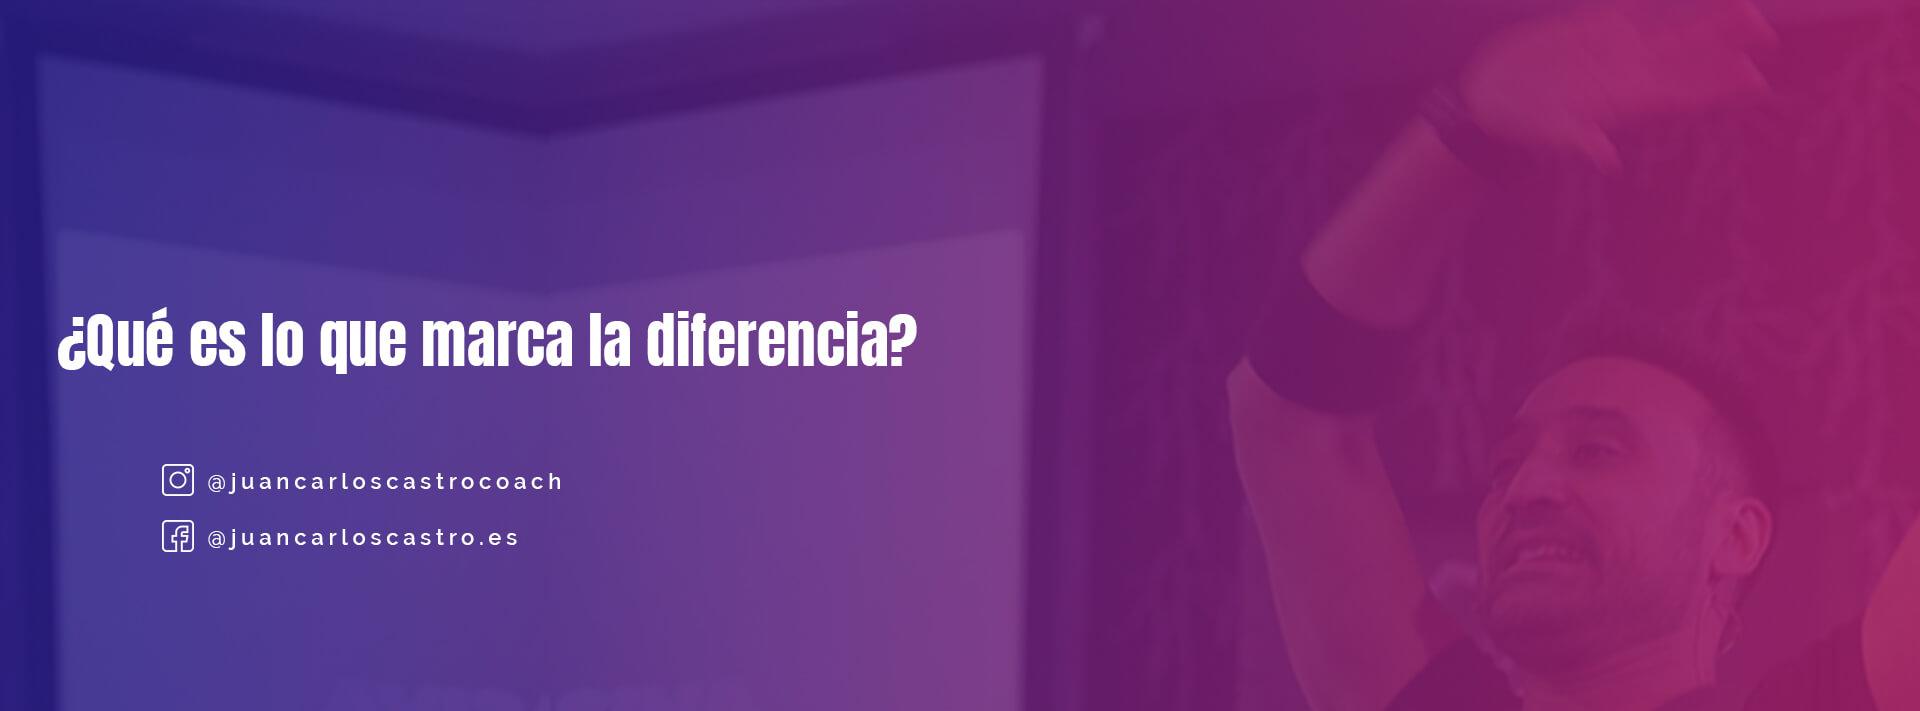 ¿Qué es lo que marca la diferencia?